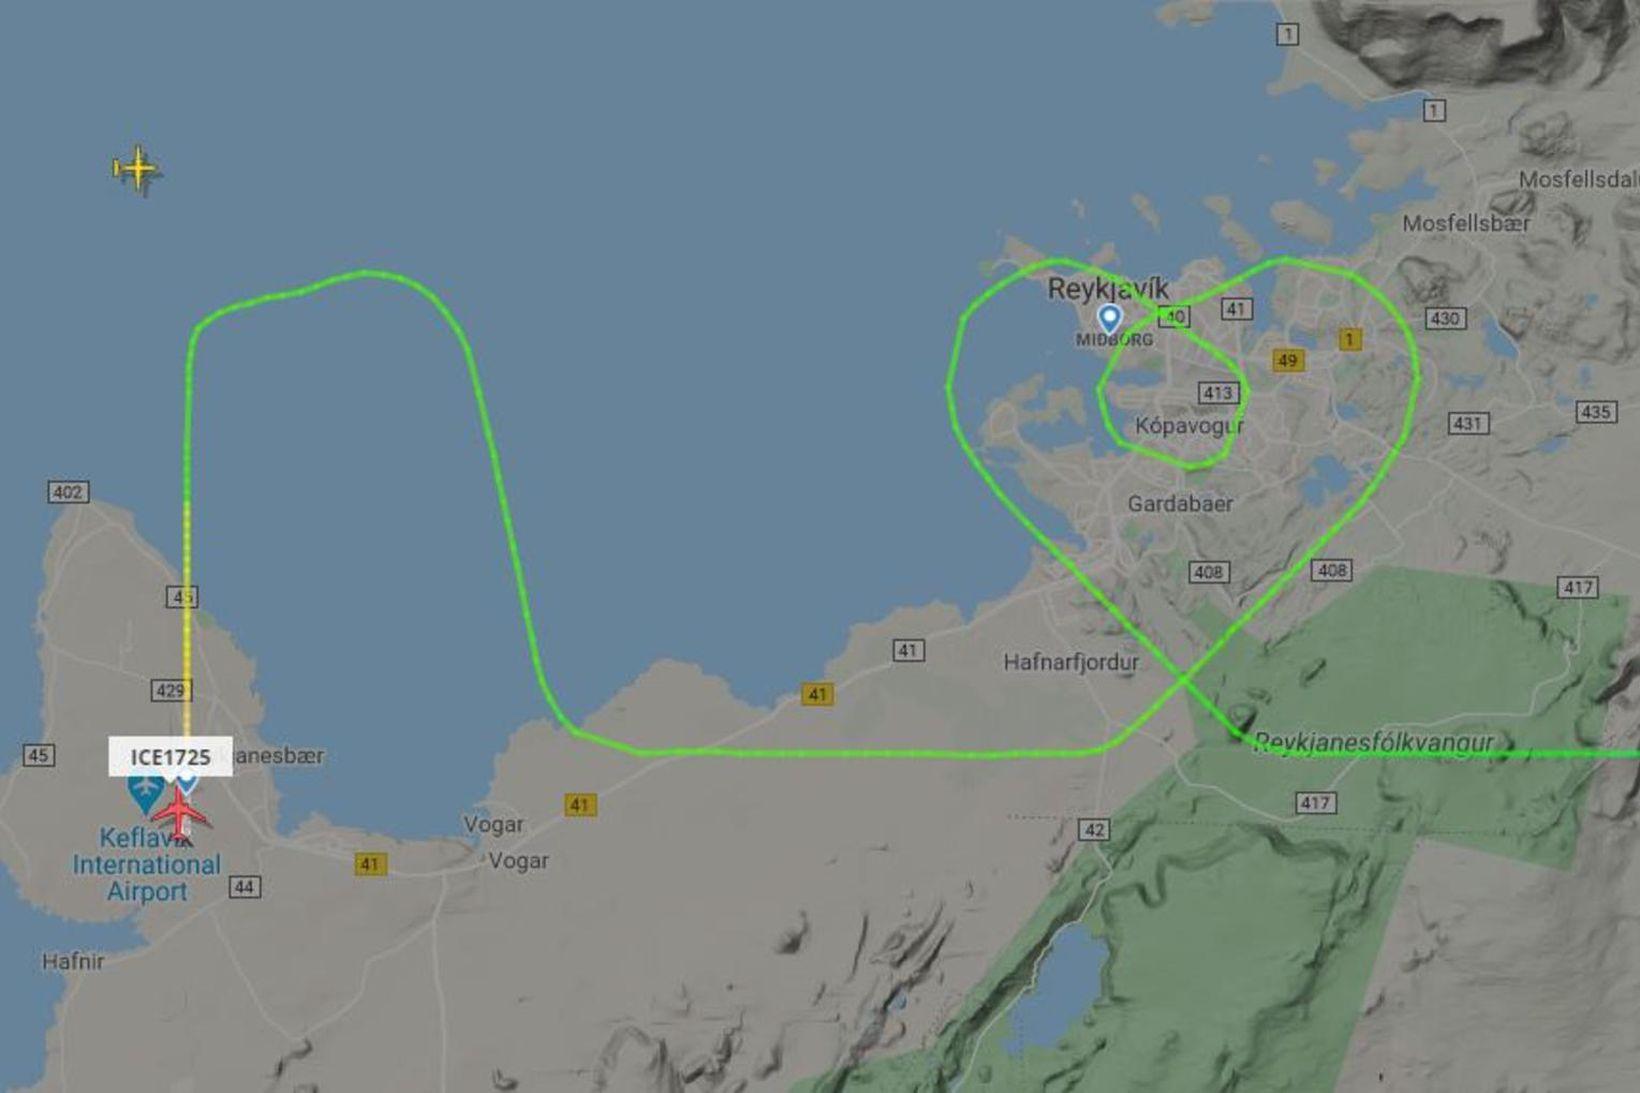 Flugmenn Icelandair-vélarinnar mynduðu hjarta er þeir flugu yfir höfuðborgarsvæðinu.